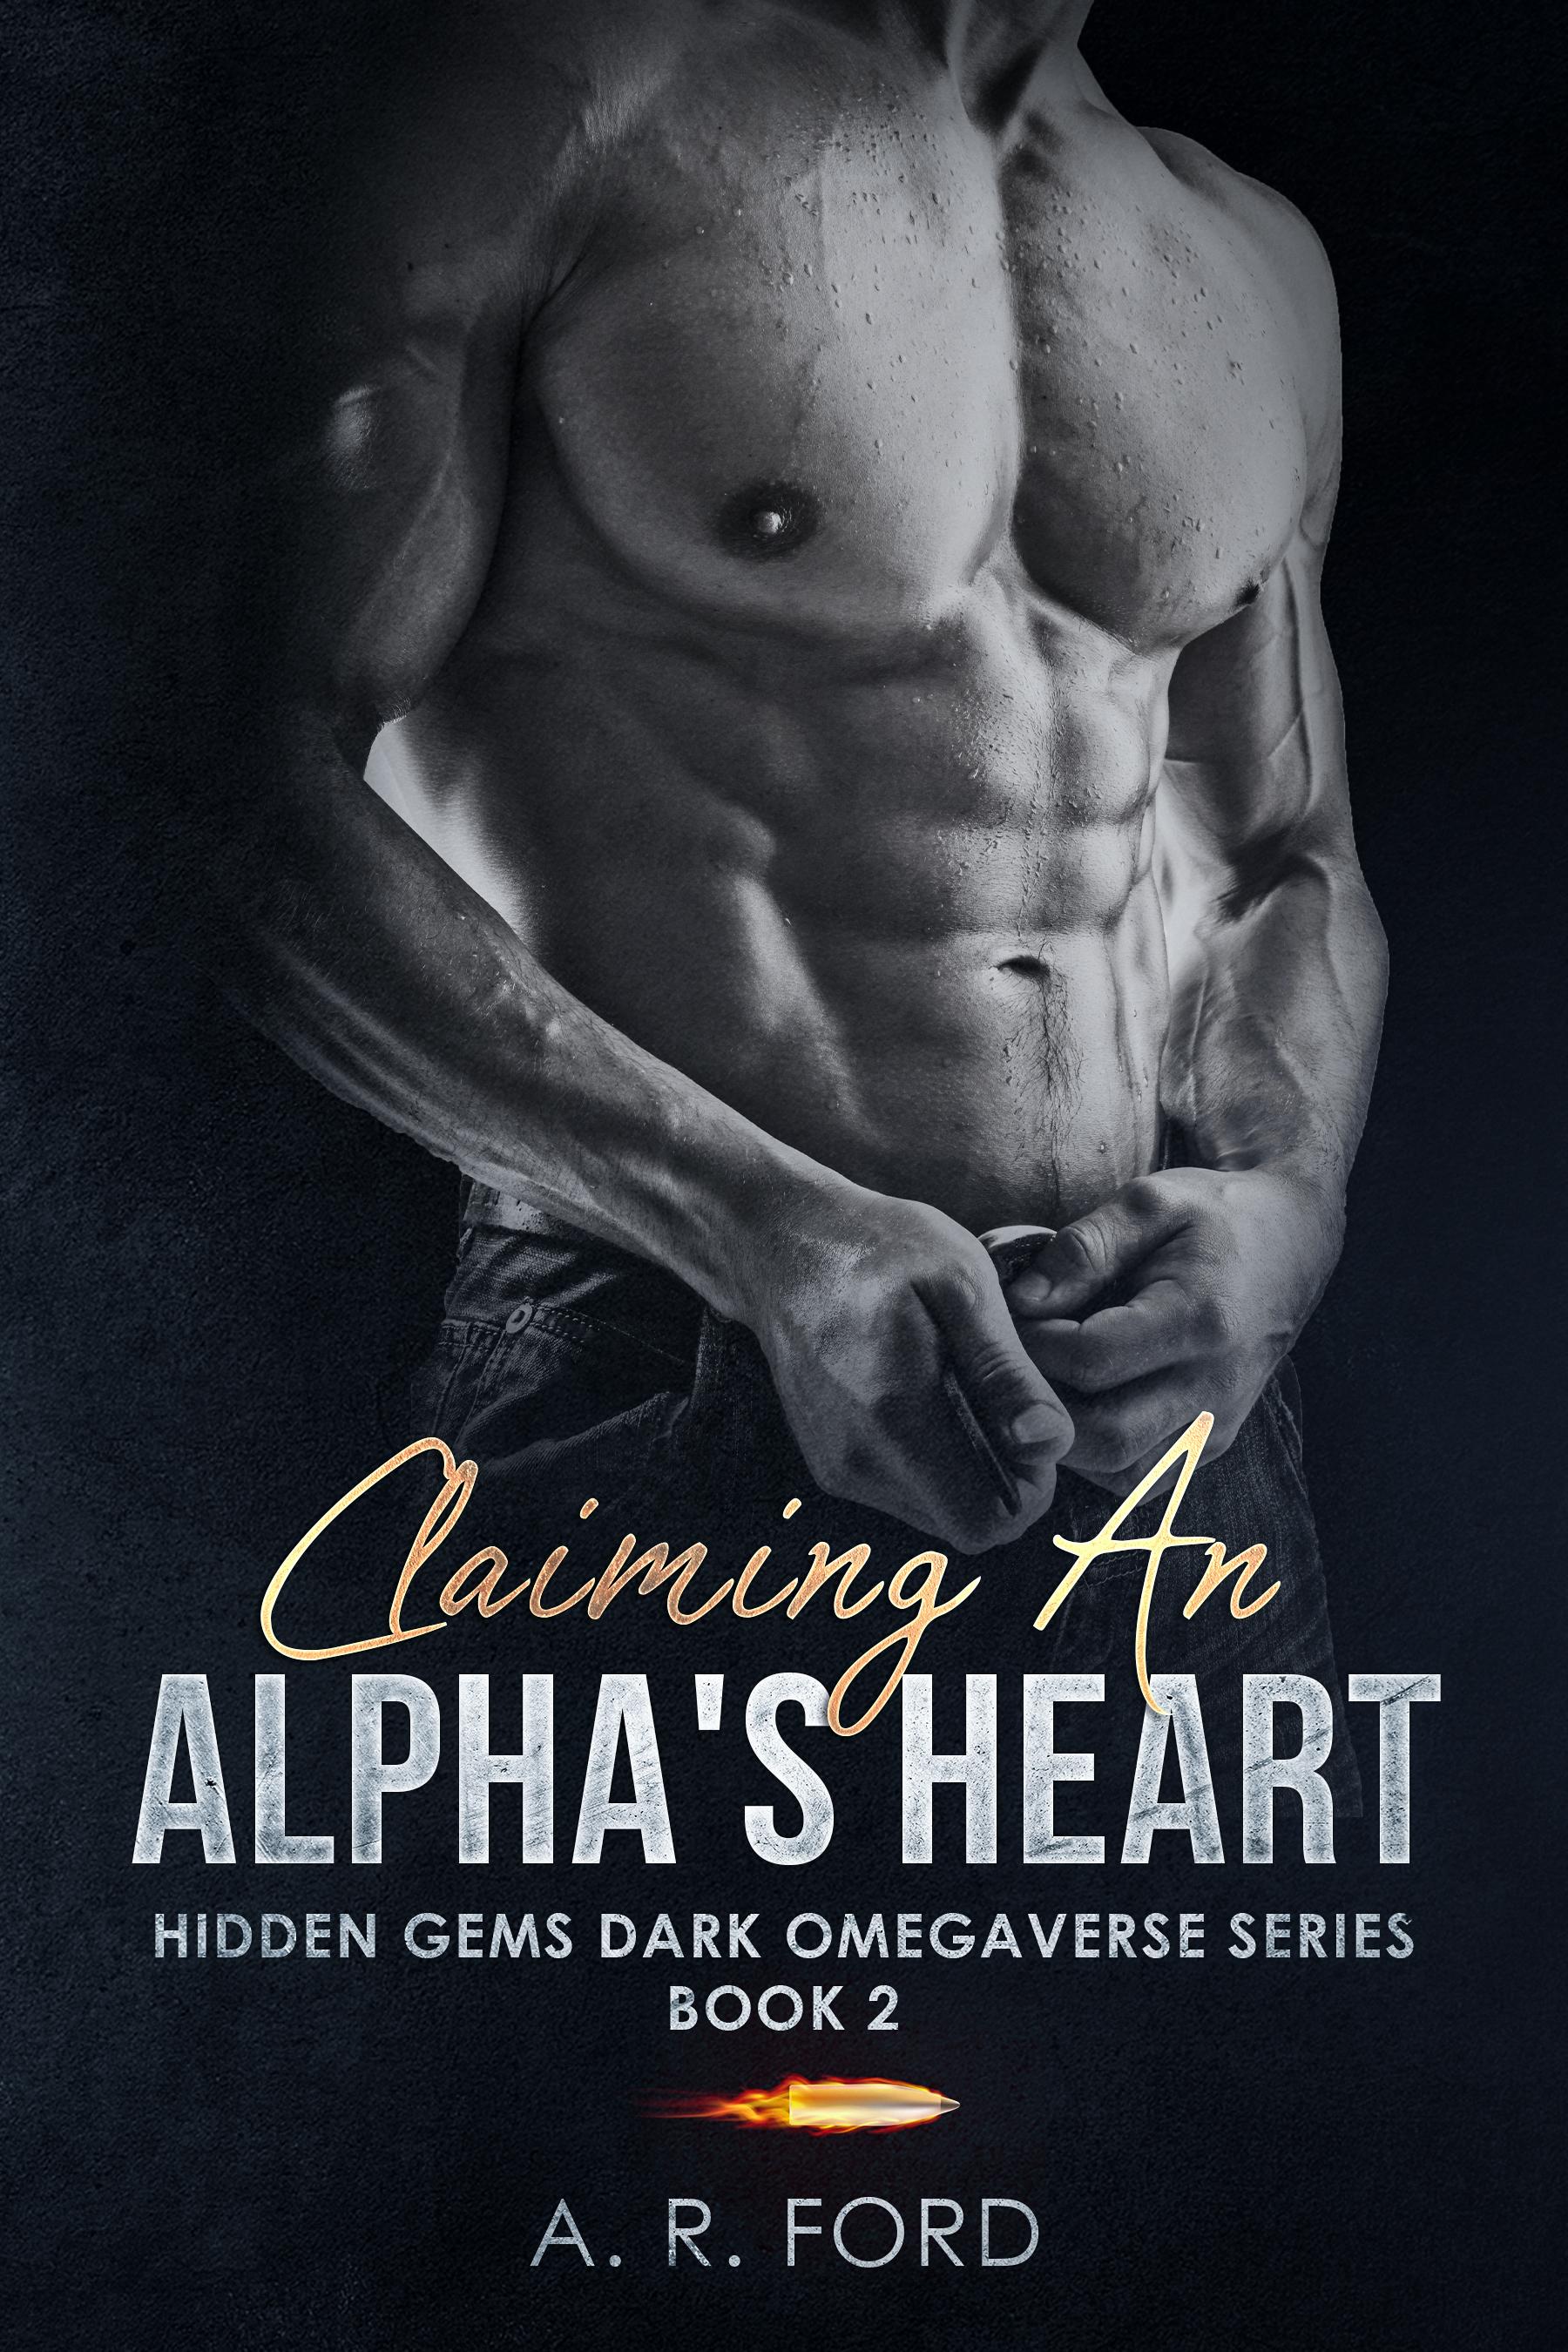 Claiming an Alpha's Heart (Hidden Gems #2)